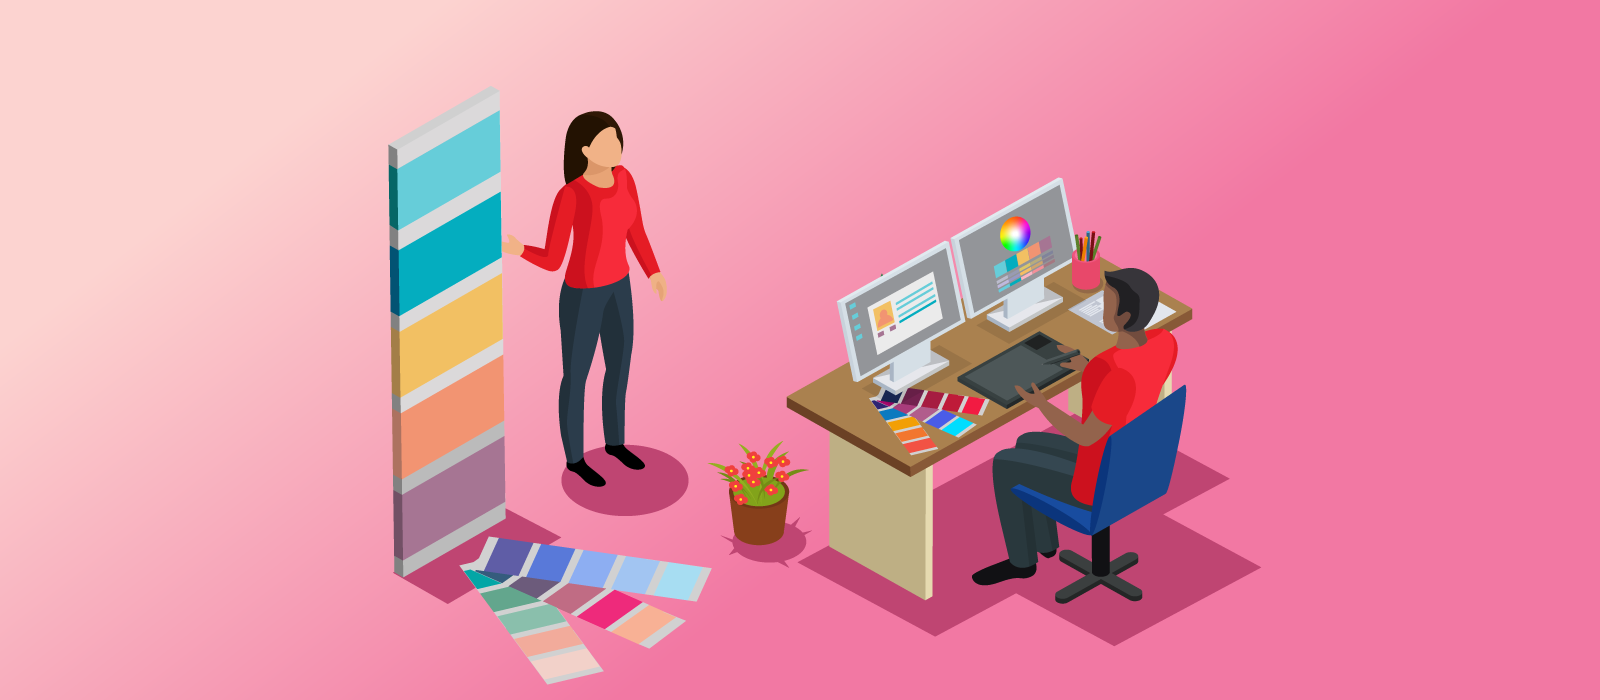 Celebre el Día Mundial de Concientización sobre Accesibilidad con Adobe Color